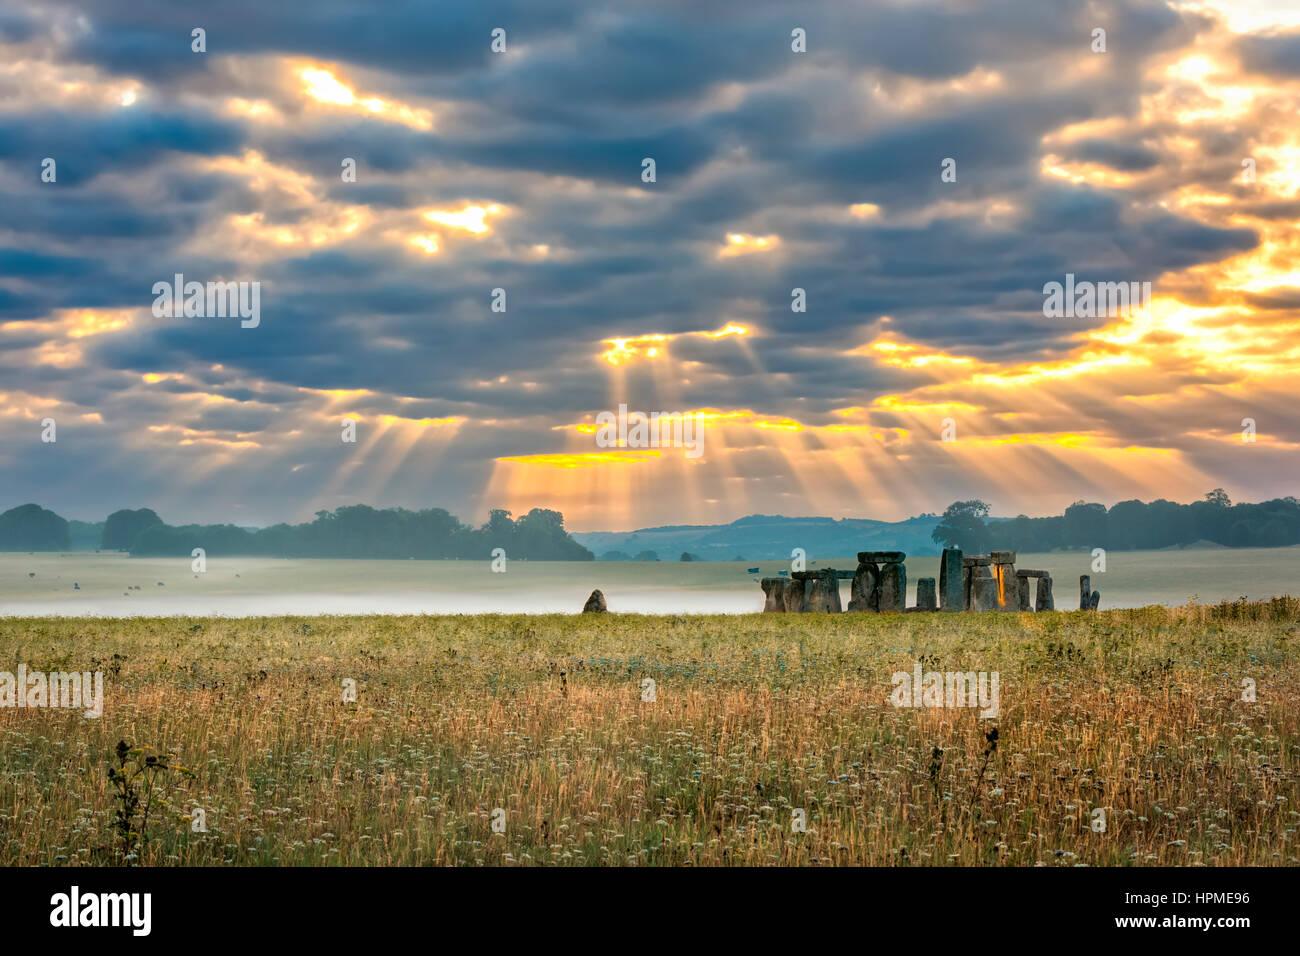 Amesbury, Wiltshire, Reino Unido - 14 de agosto, 2016: Nublado amanecer sobre Stonehenge - megalith monumento prehistórico Imagen De Stock